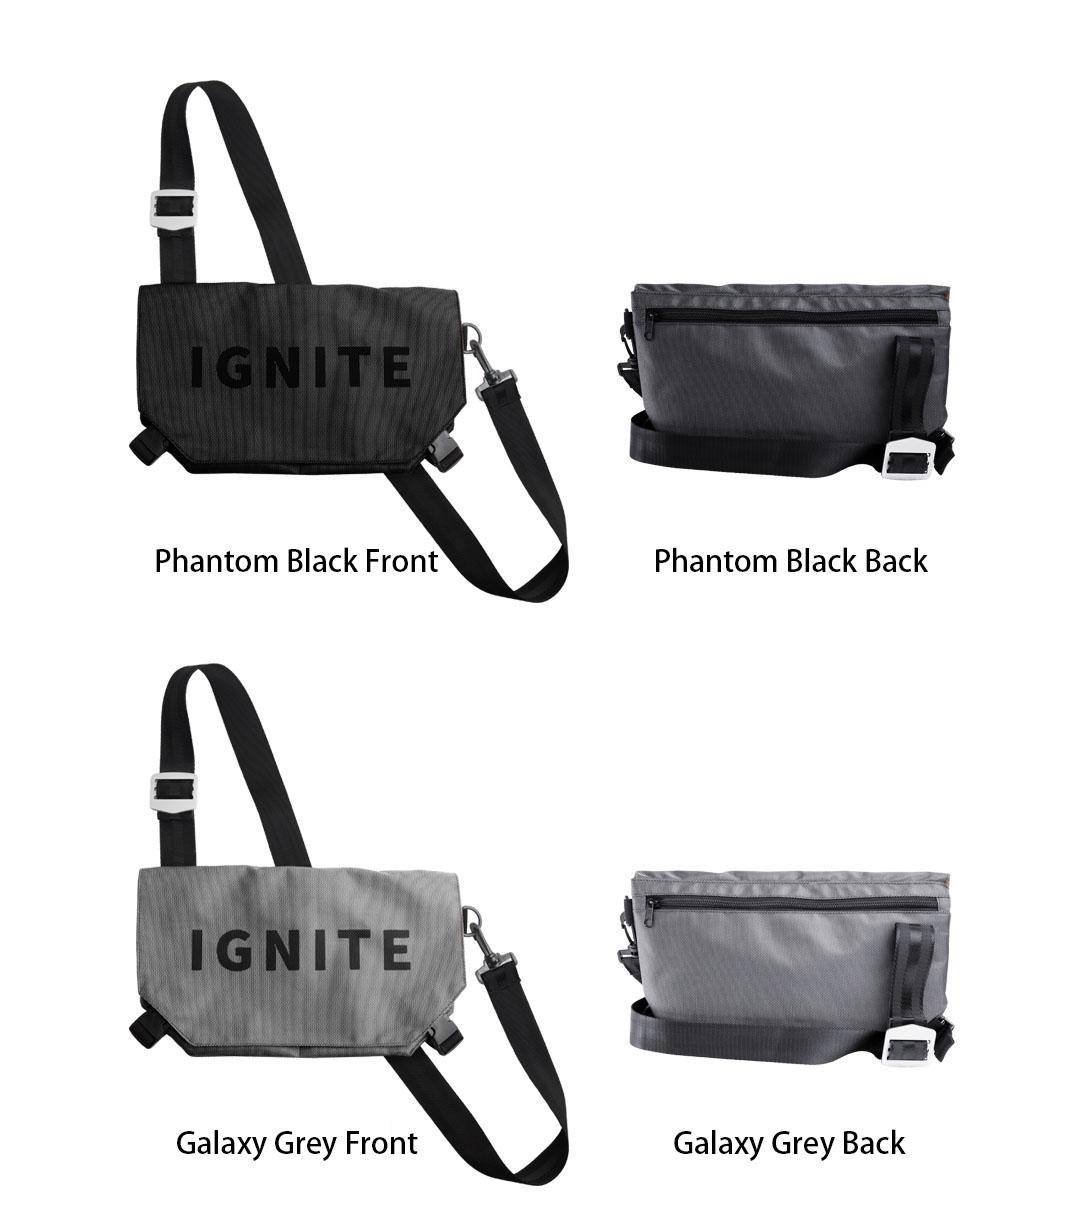 new xiaomi ignite sports shoulder crossbody bag